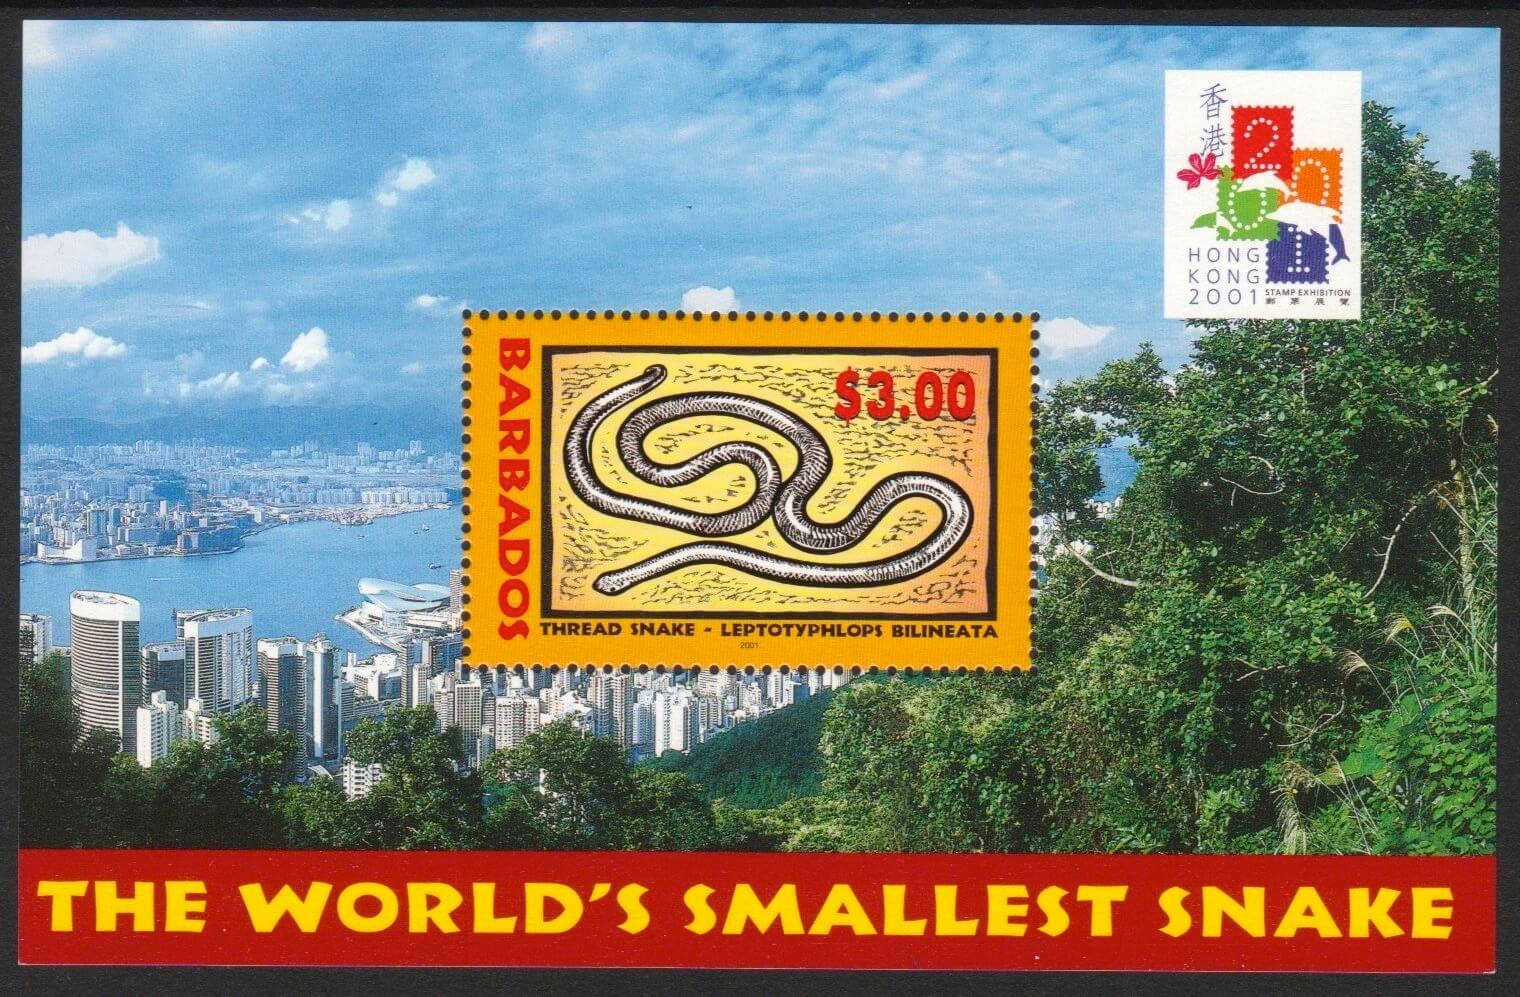 Barbados 2001   Hong Kong 2001 Stamp Exhibition Souvenir Sheet